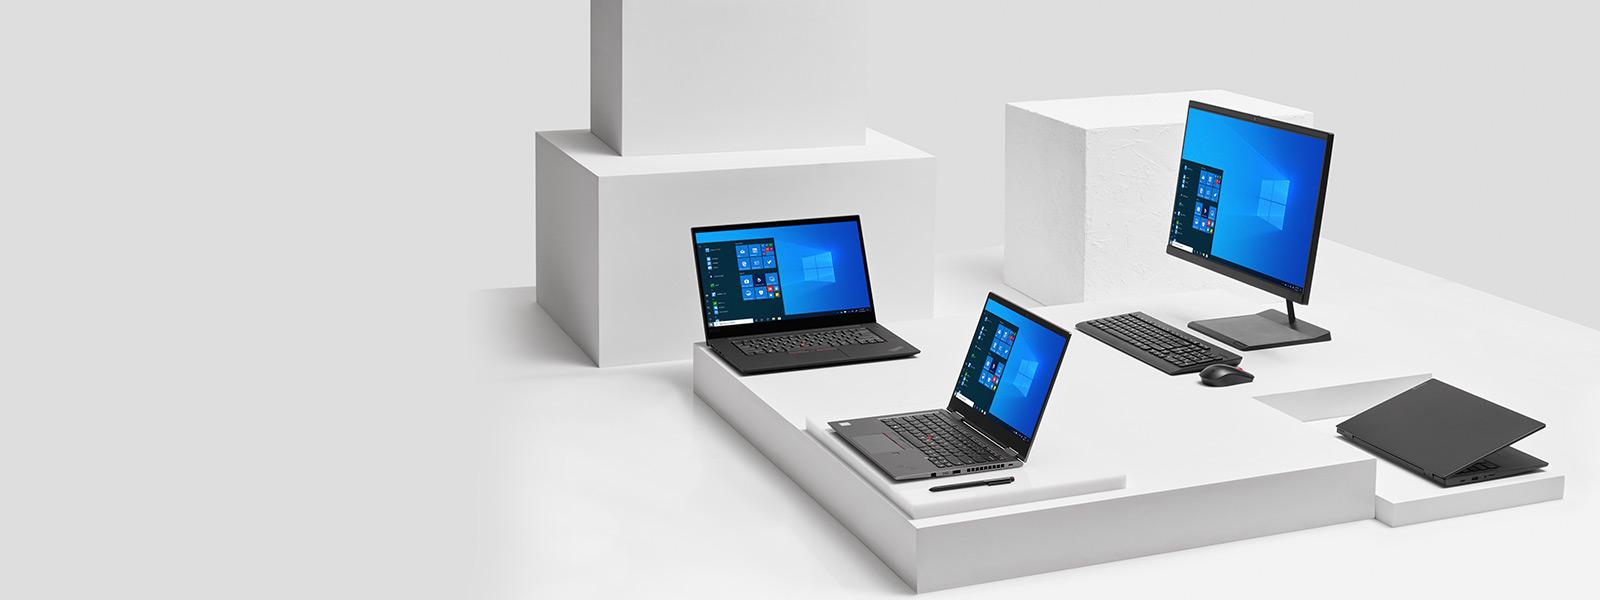 Windows 10 Pro 시작 화면의 Lenovo 장치 제품군